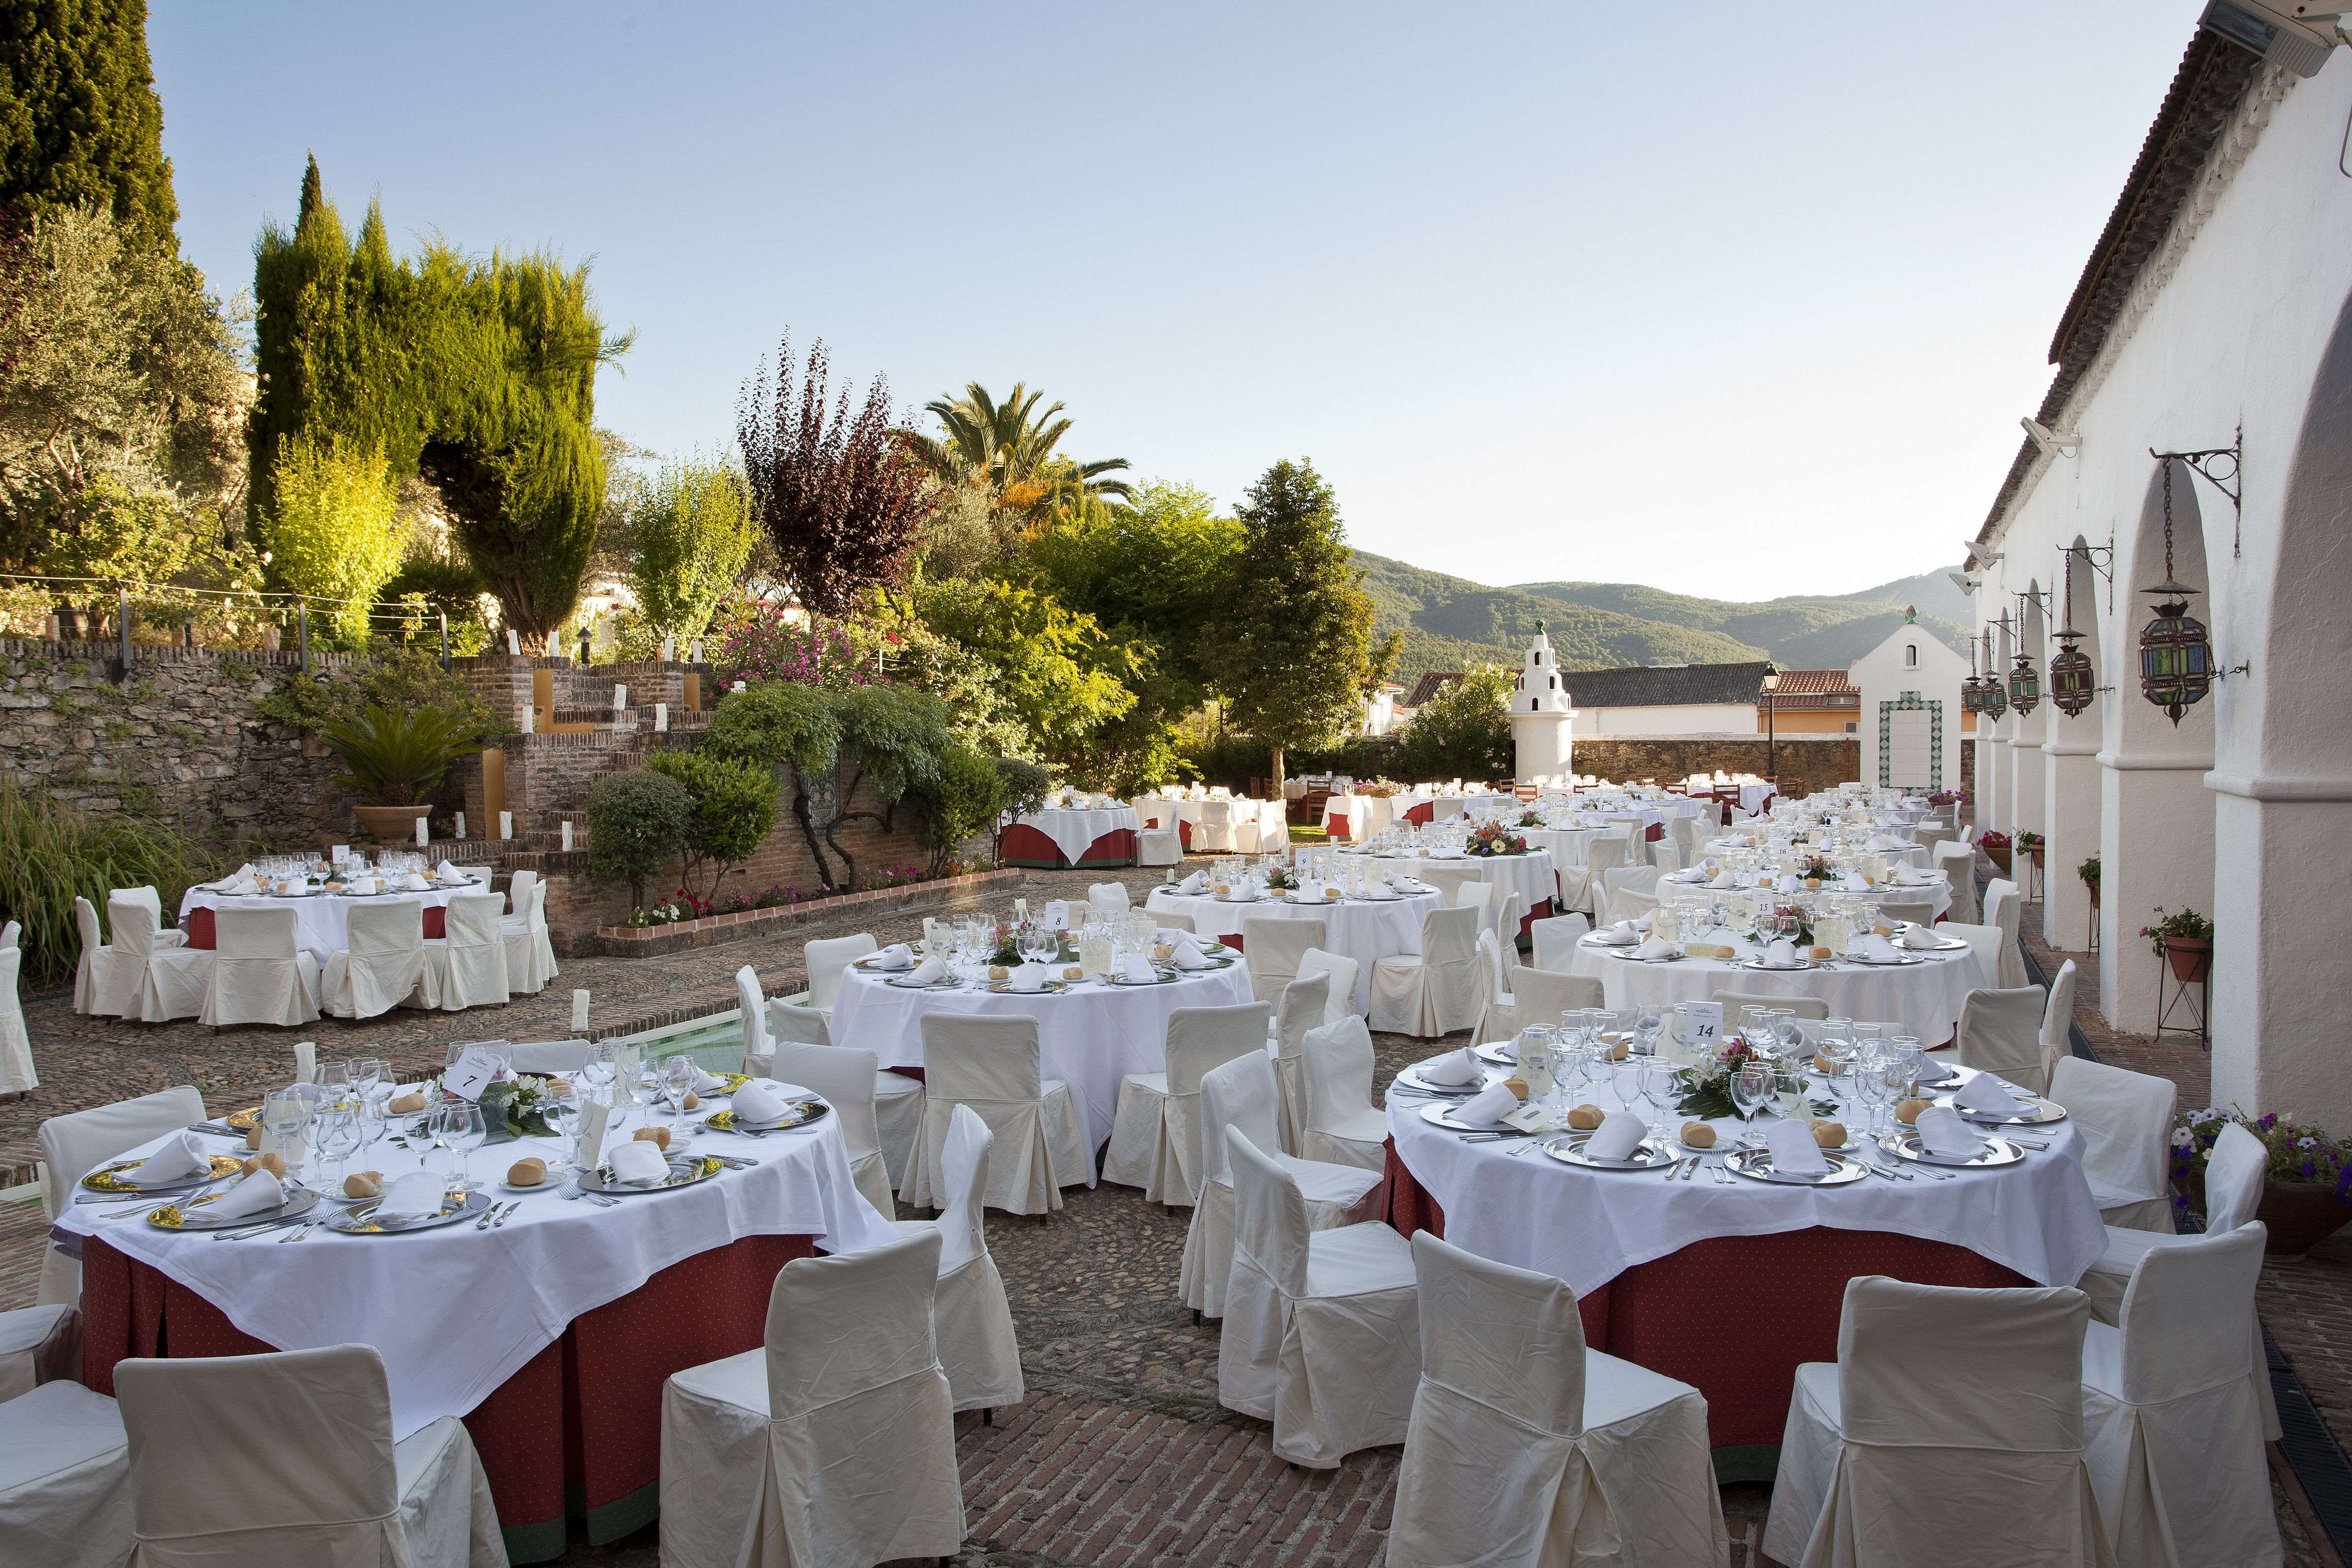 Banquete de boda al aire libre en el patio del Parador de Guadalupe #weddingvenues #bodas #weddings #tendenciasdebodas